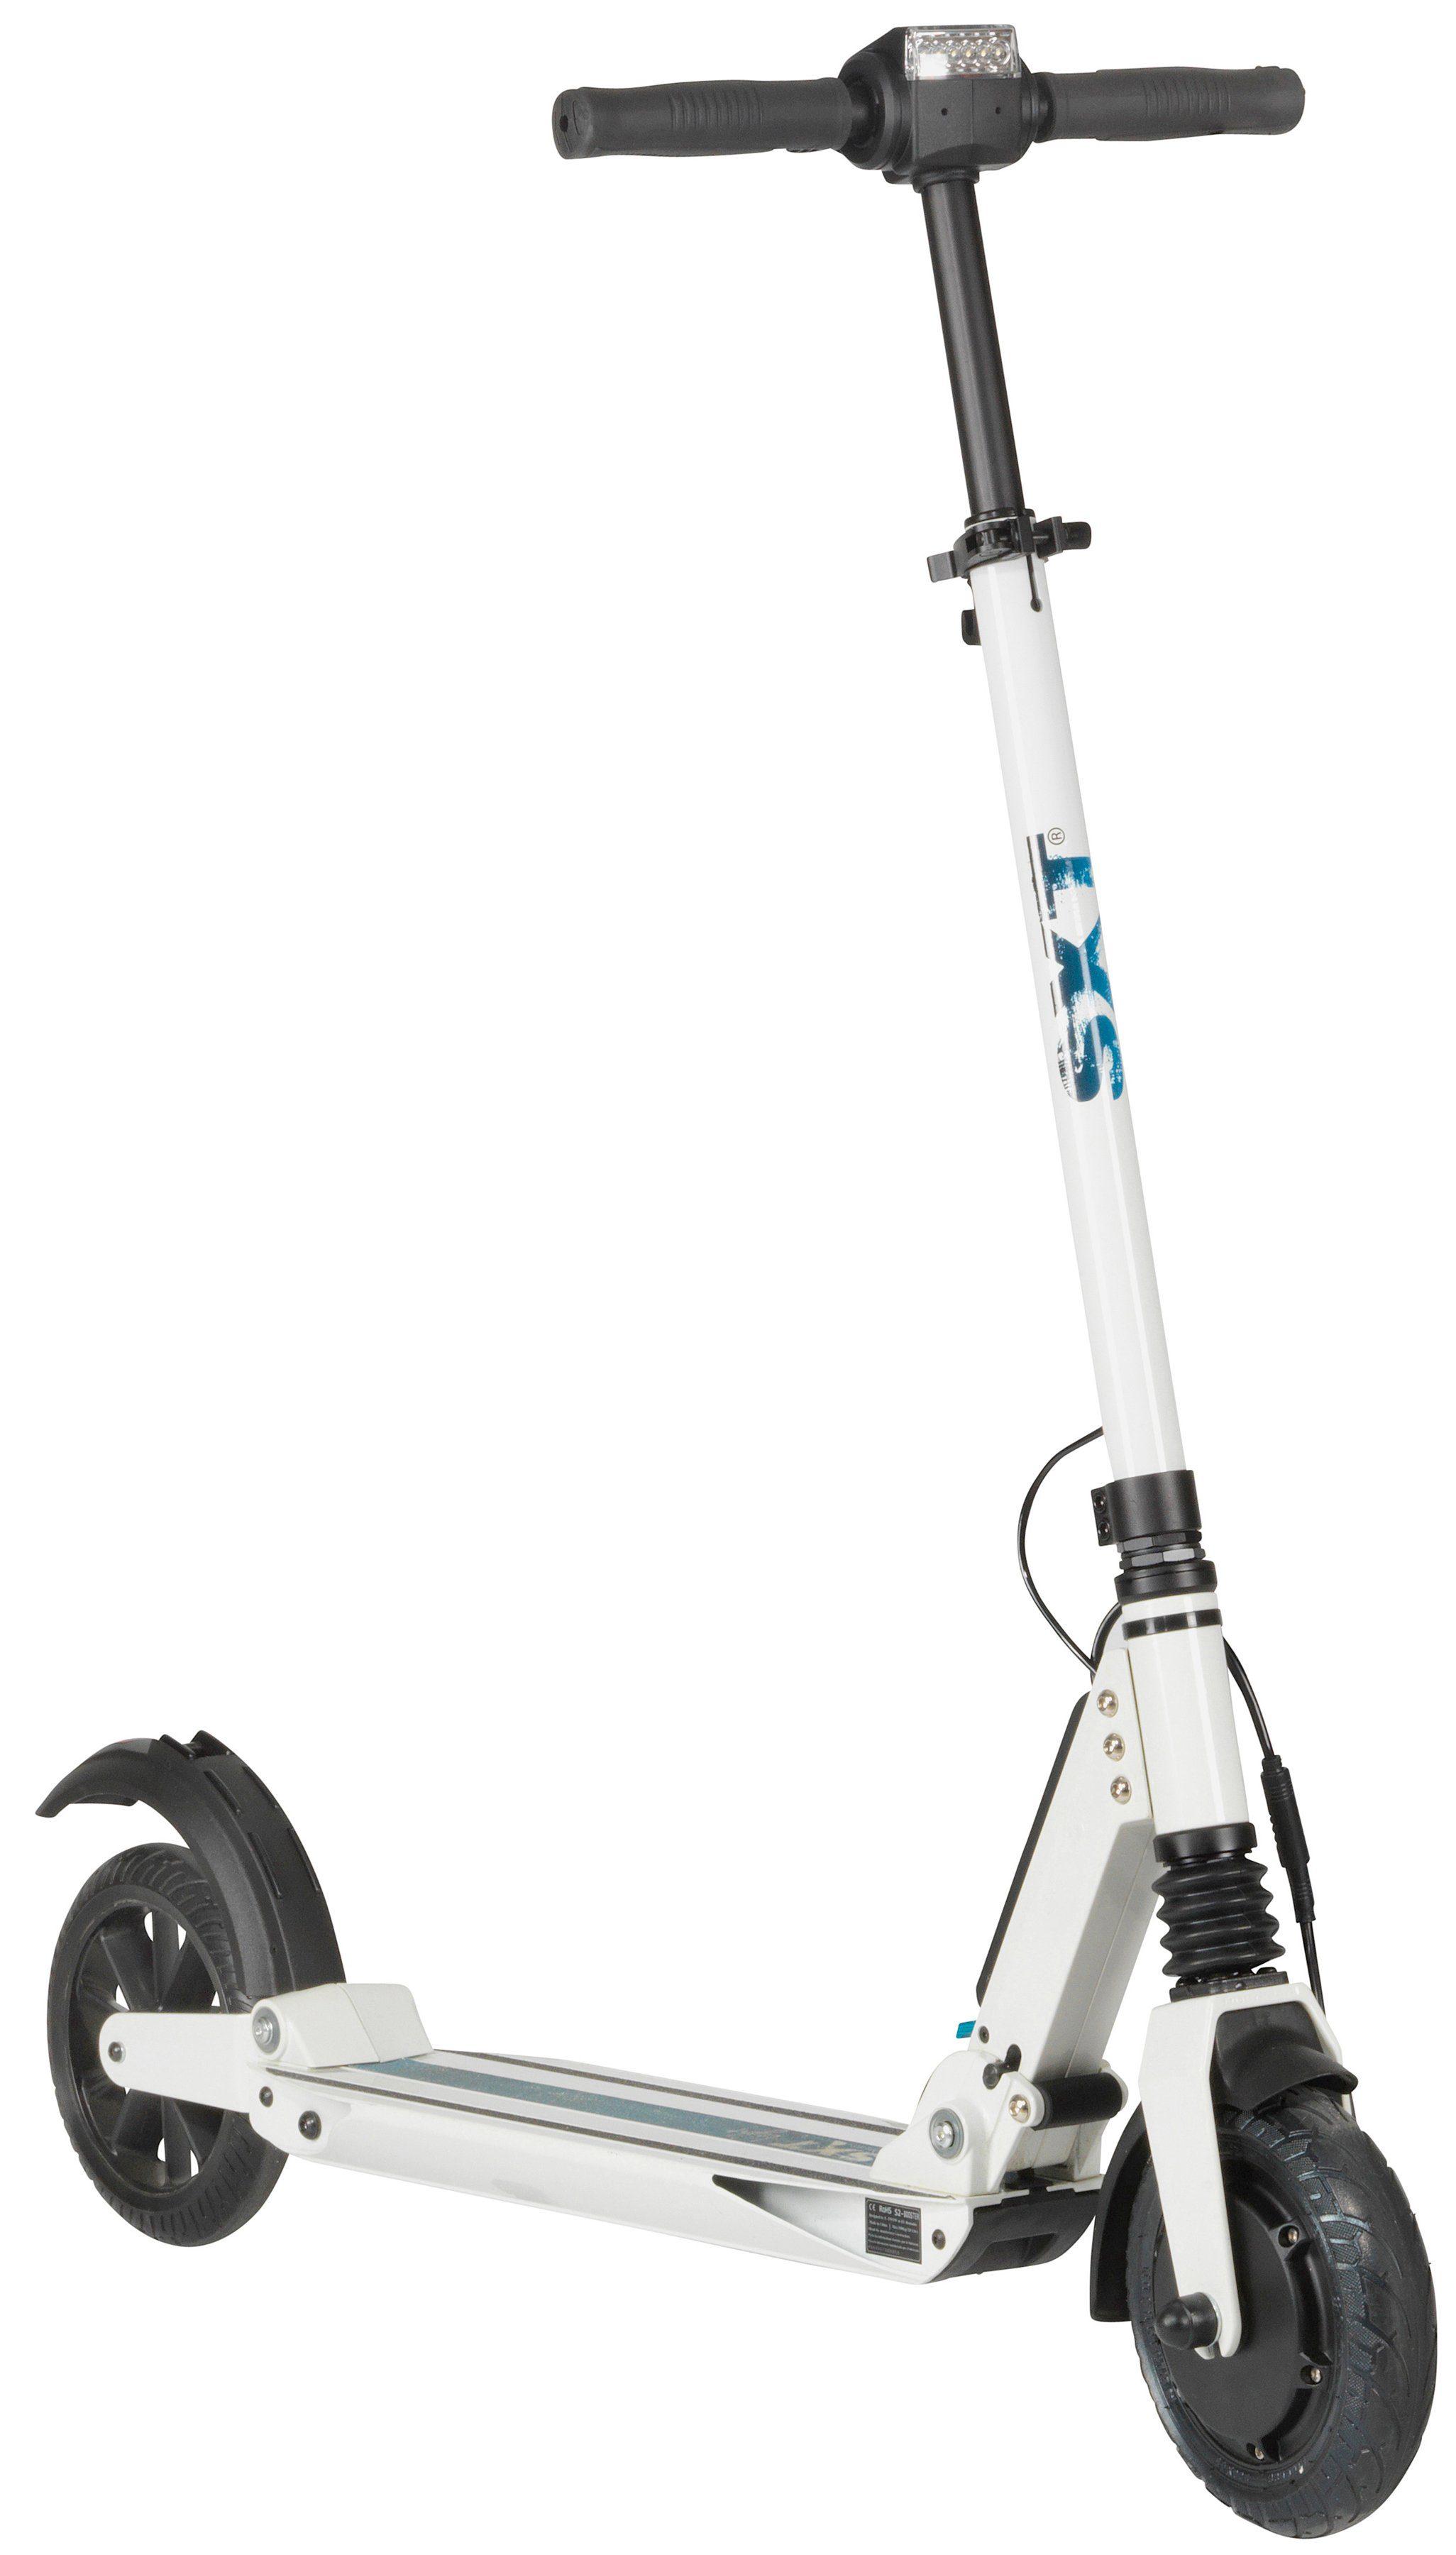 SXT Scooter E-Scooter »SXT light Eco «, 350 Watt, 27 km/h